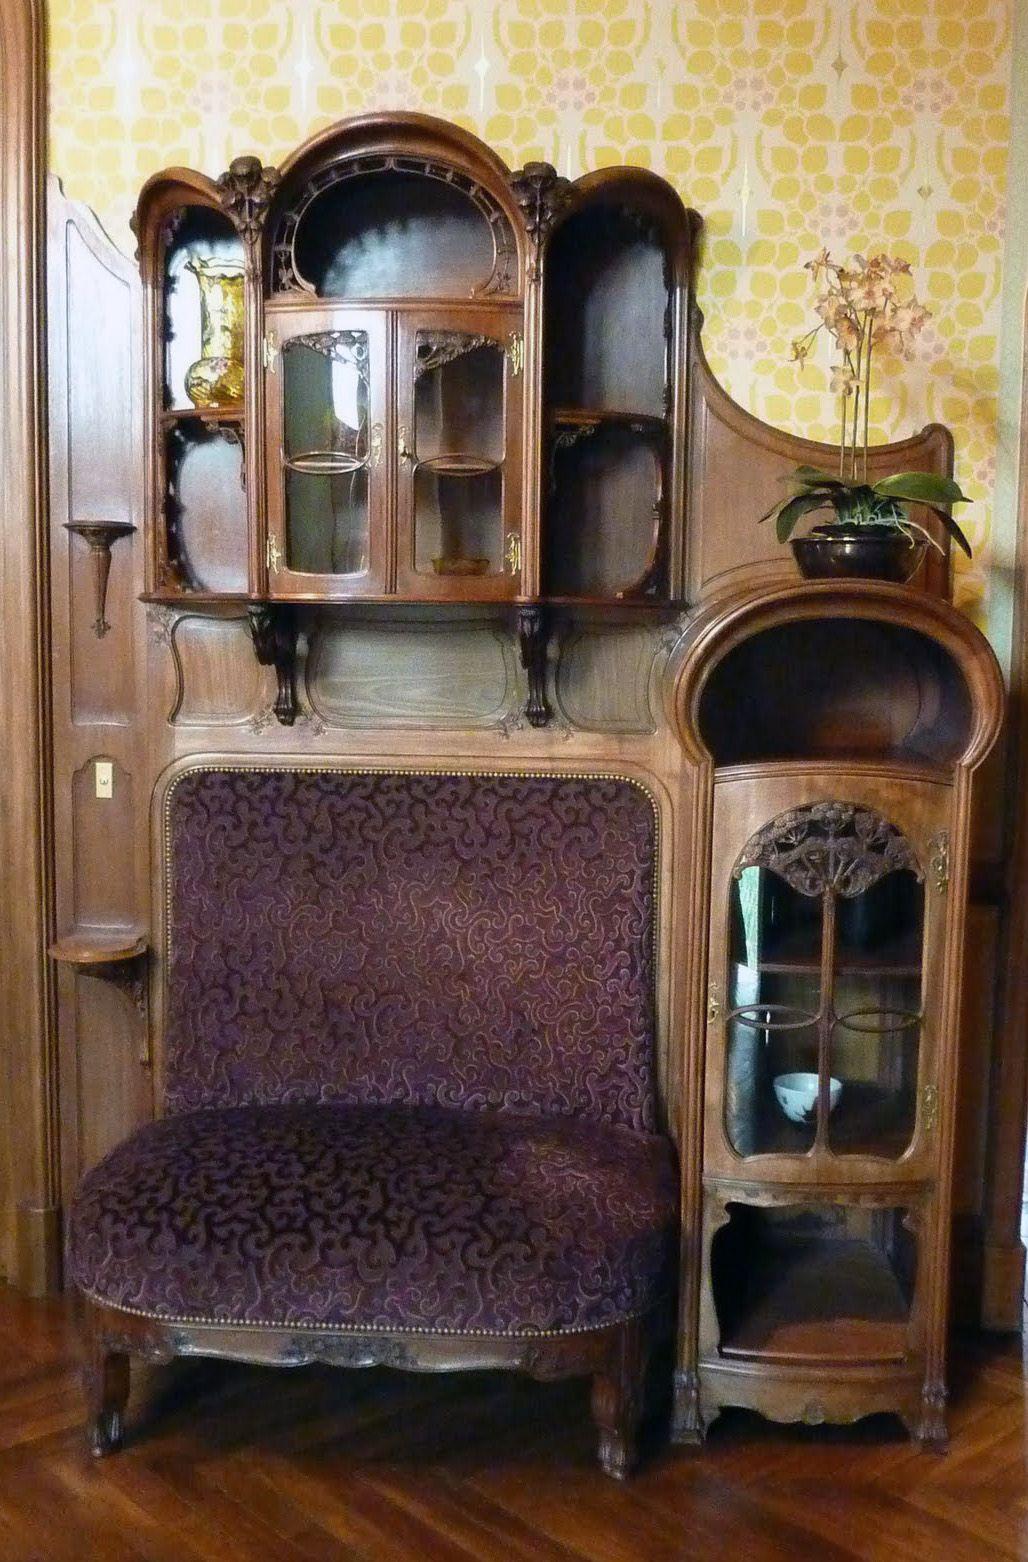 Art Nouveau Villa Demoiselle Reims Interieurs Meuble Vitrines Avec Baquette Integree Tony Art Nouveau Interior Art Nouveau Furniture Art Nouveau